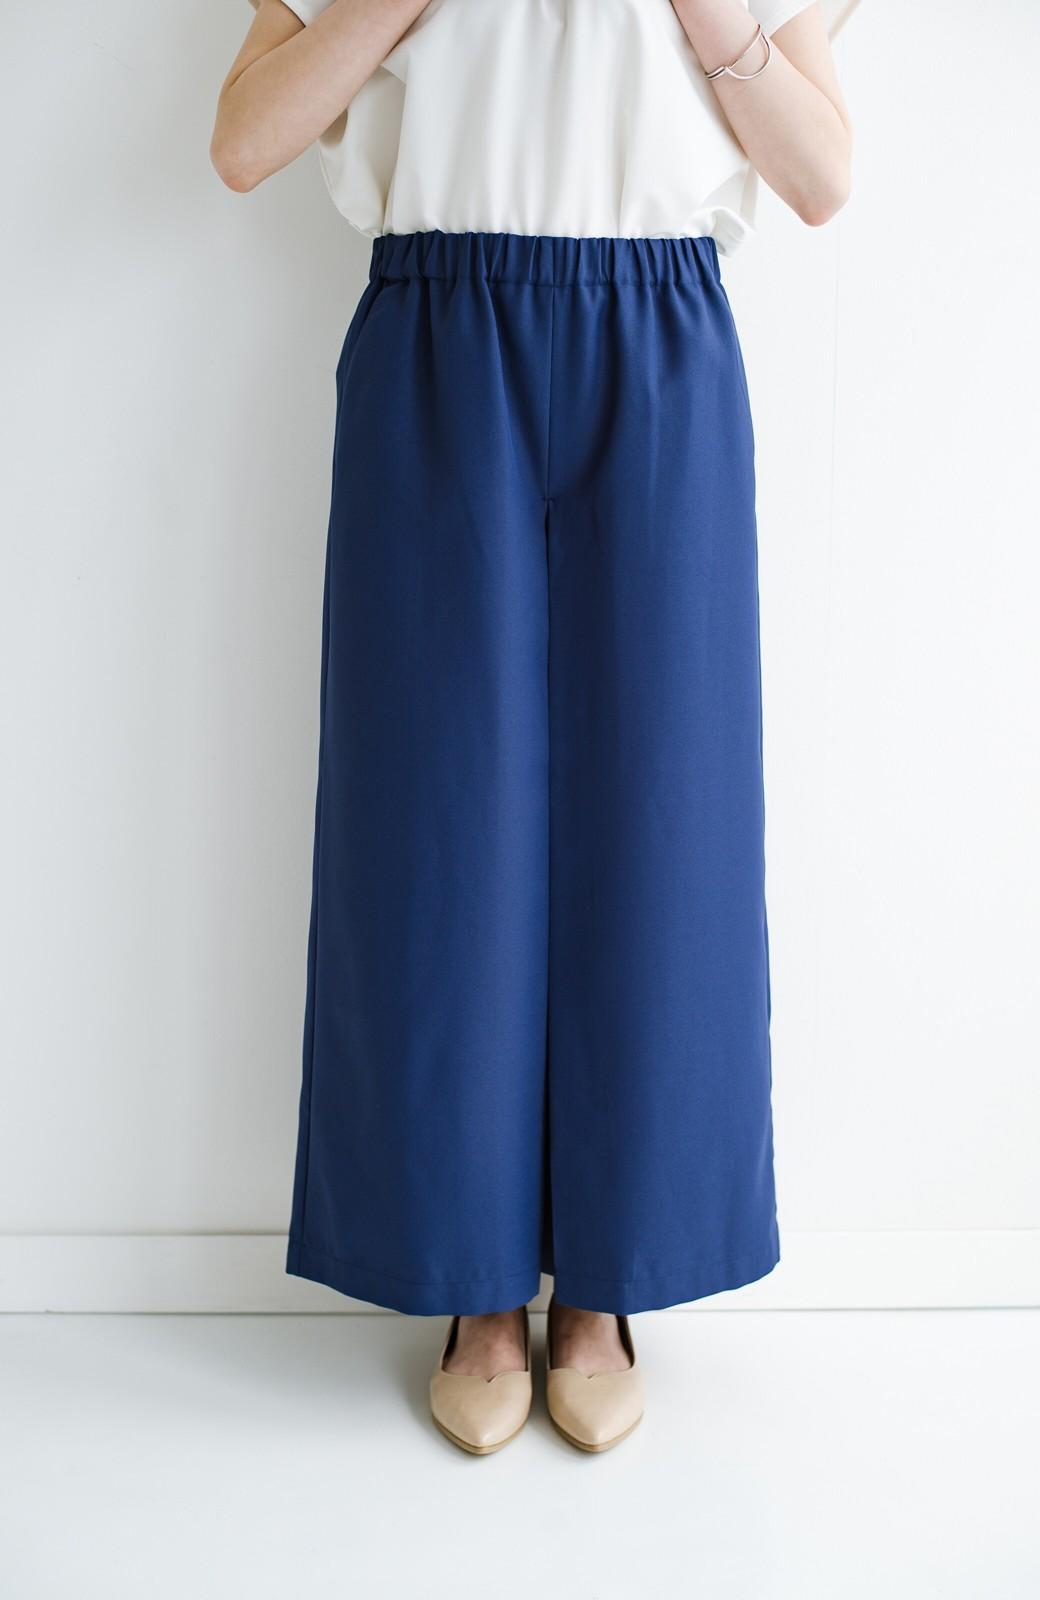 haco! スカート感覚でゆったりはけちゃう お仕事にも便利なきれいめタックワイドパンツ <ネイビー>の商品写真5